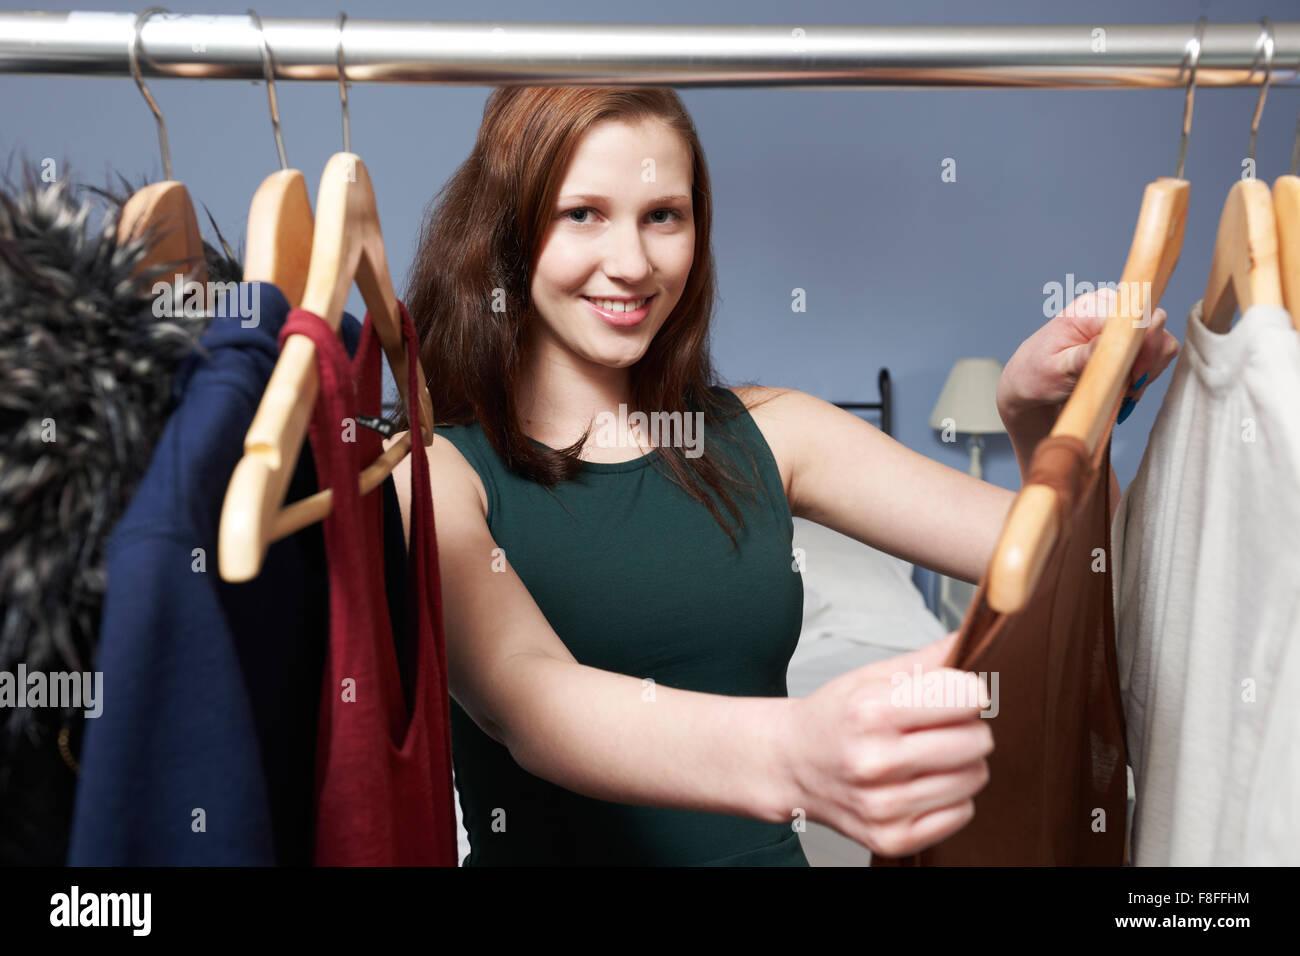 Adolescente elegir ropa de armario Foto de stock